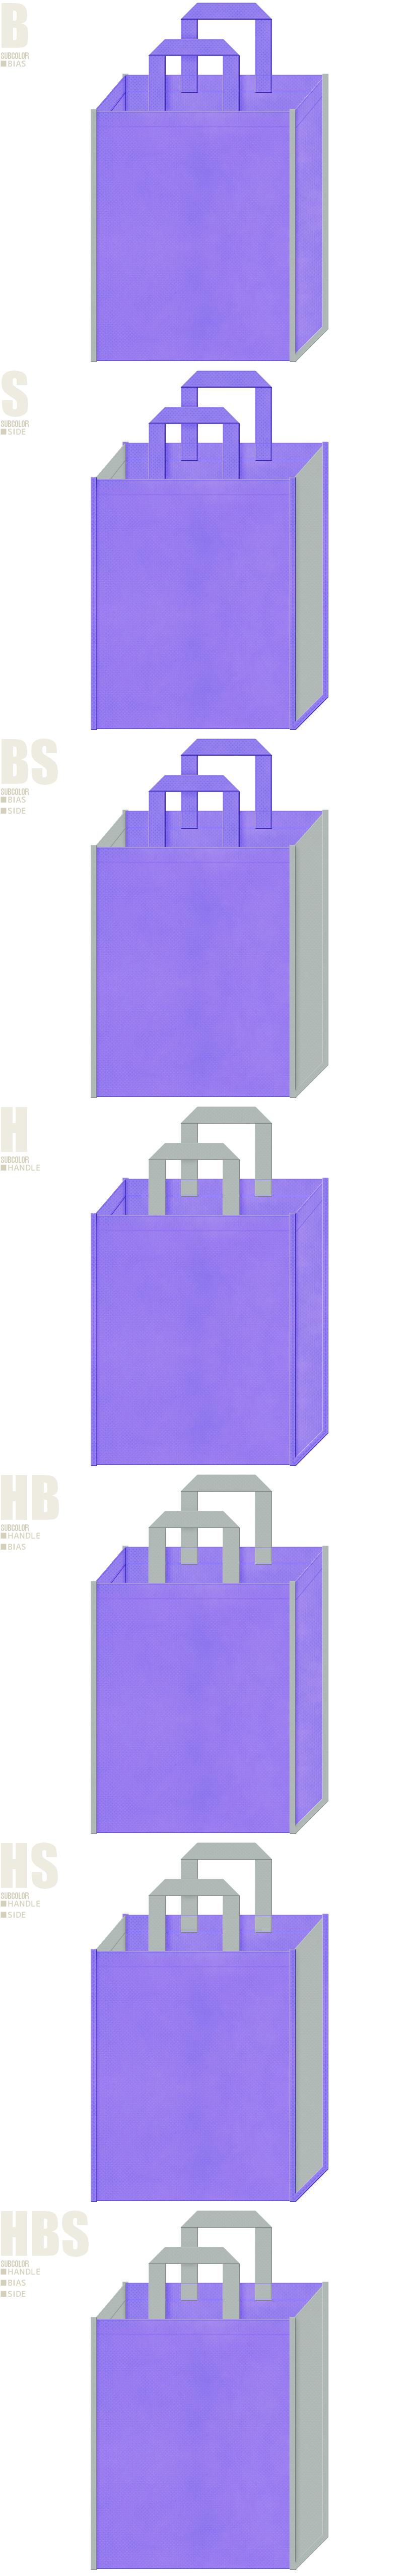 薄紫色とグレー色の配色7パターン:不織布トートバッグのデザイン